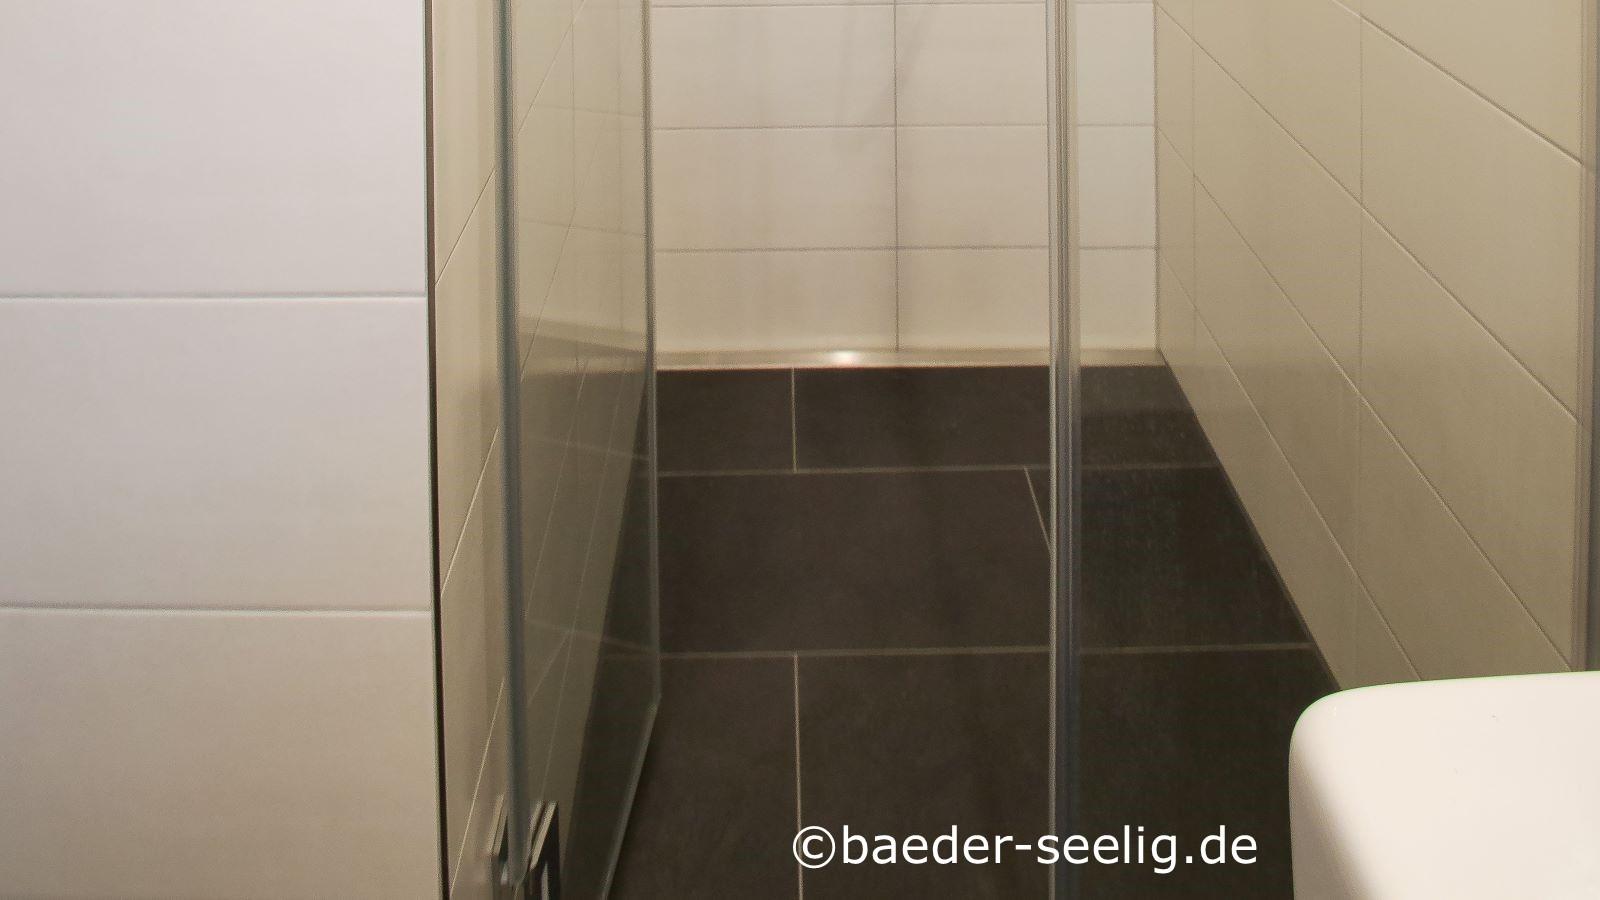 Abgebildet ist eine bodenebene duschkabine mit glasduschtuer in einer wandnische.  Ueber die gesamte rueckseite der dusche ist die schmale, dezente v4a edelstahl-duschrinne pro eingebaut, die mit nur 40 mm einbautiefe und cm-genau nach mass gefertigt diese nachtraeglich installierte ebenerdige dusche ermoeglichte. Die grossformatigen weissen fliesen an der wand und schwarzen fliesen auf dem boden sorgen zusammen mit der glasduschtuer und der langlebigen duschrinne pro fuer ein robustes und pflegeleichtes, modernes bad.